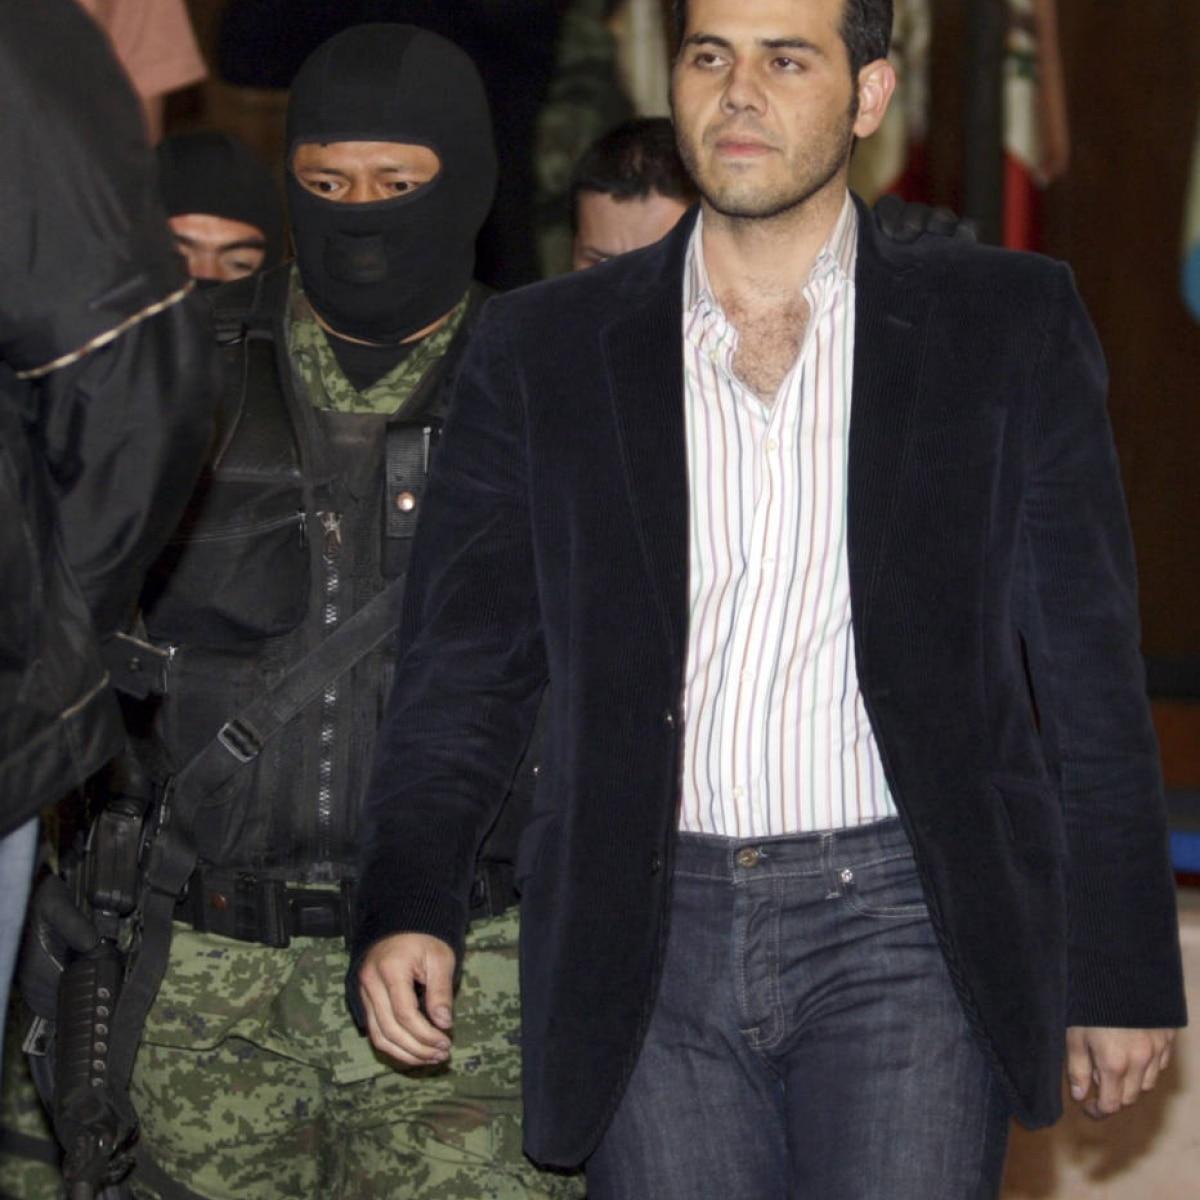 Ostentação na web leva filhos de chefões do narcotráfico à prisão no México  - Internacional - Estadão